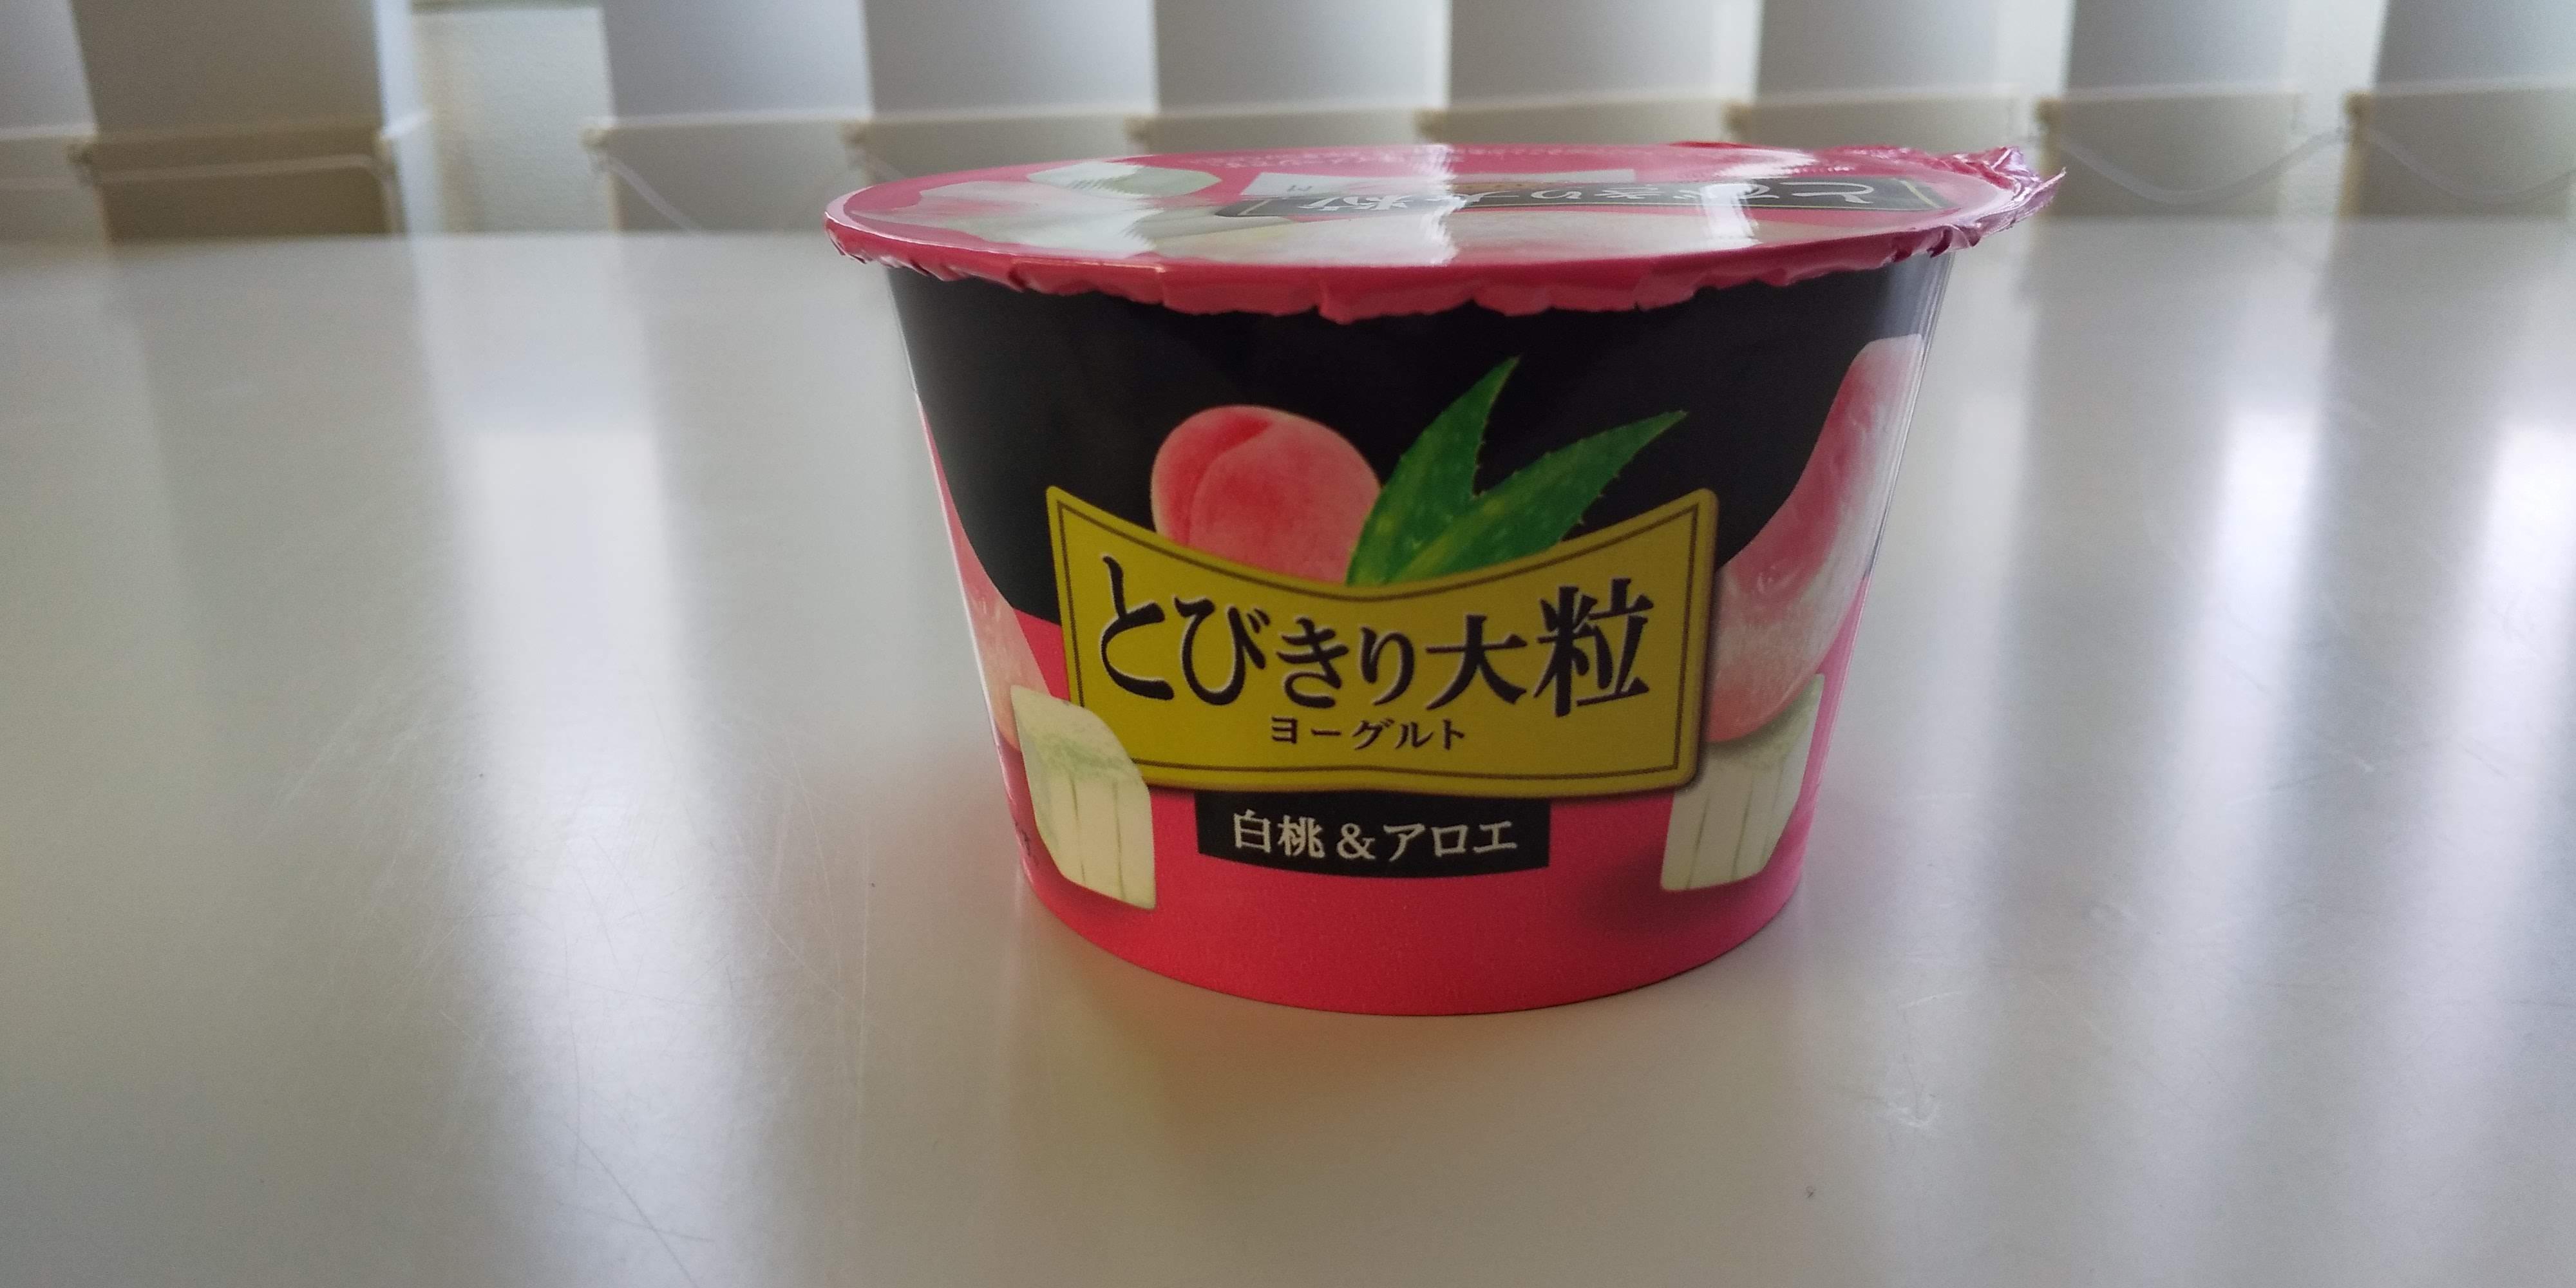 北乳【とびきり大粒ヨーグルト白桃&アロエ】